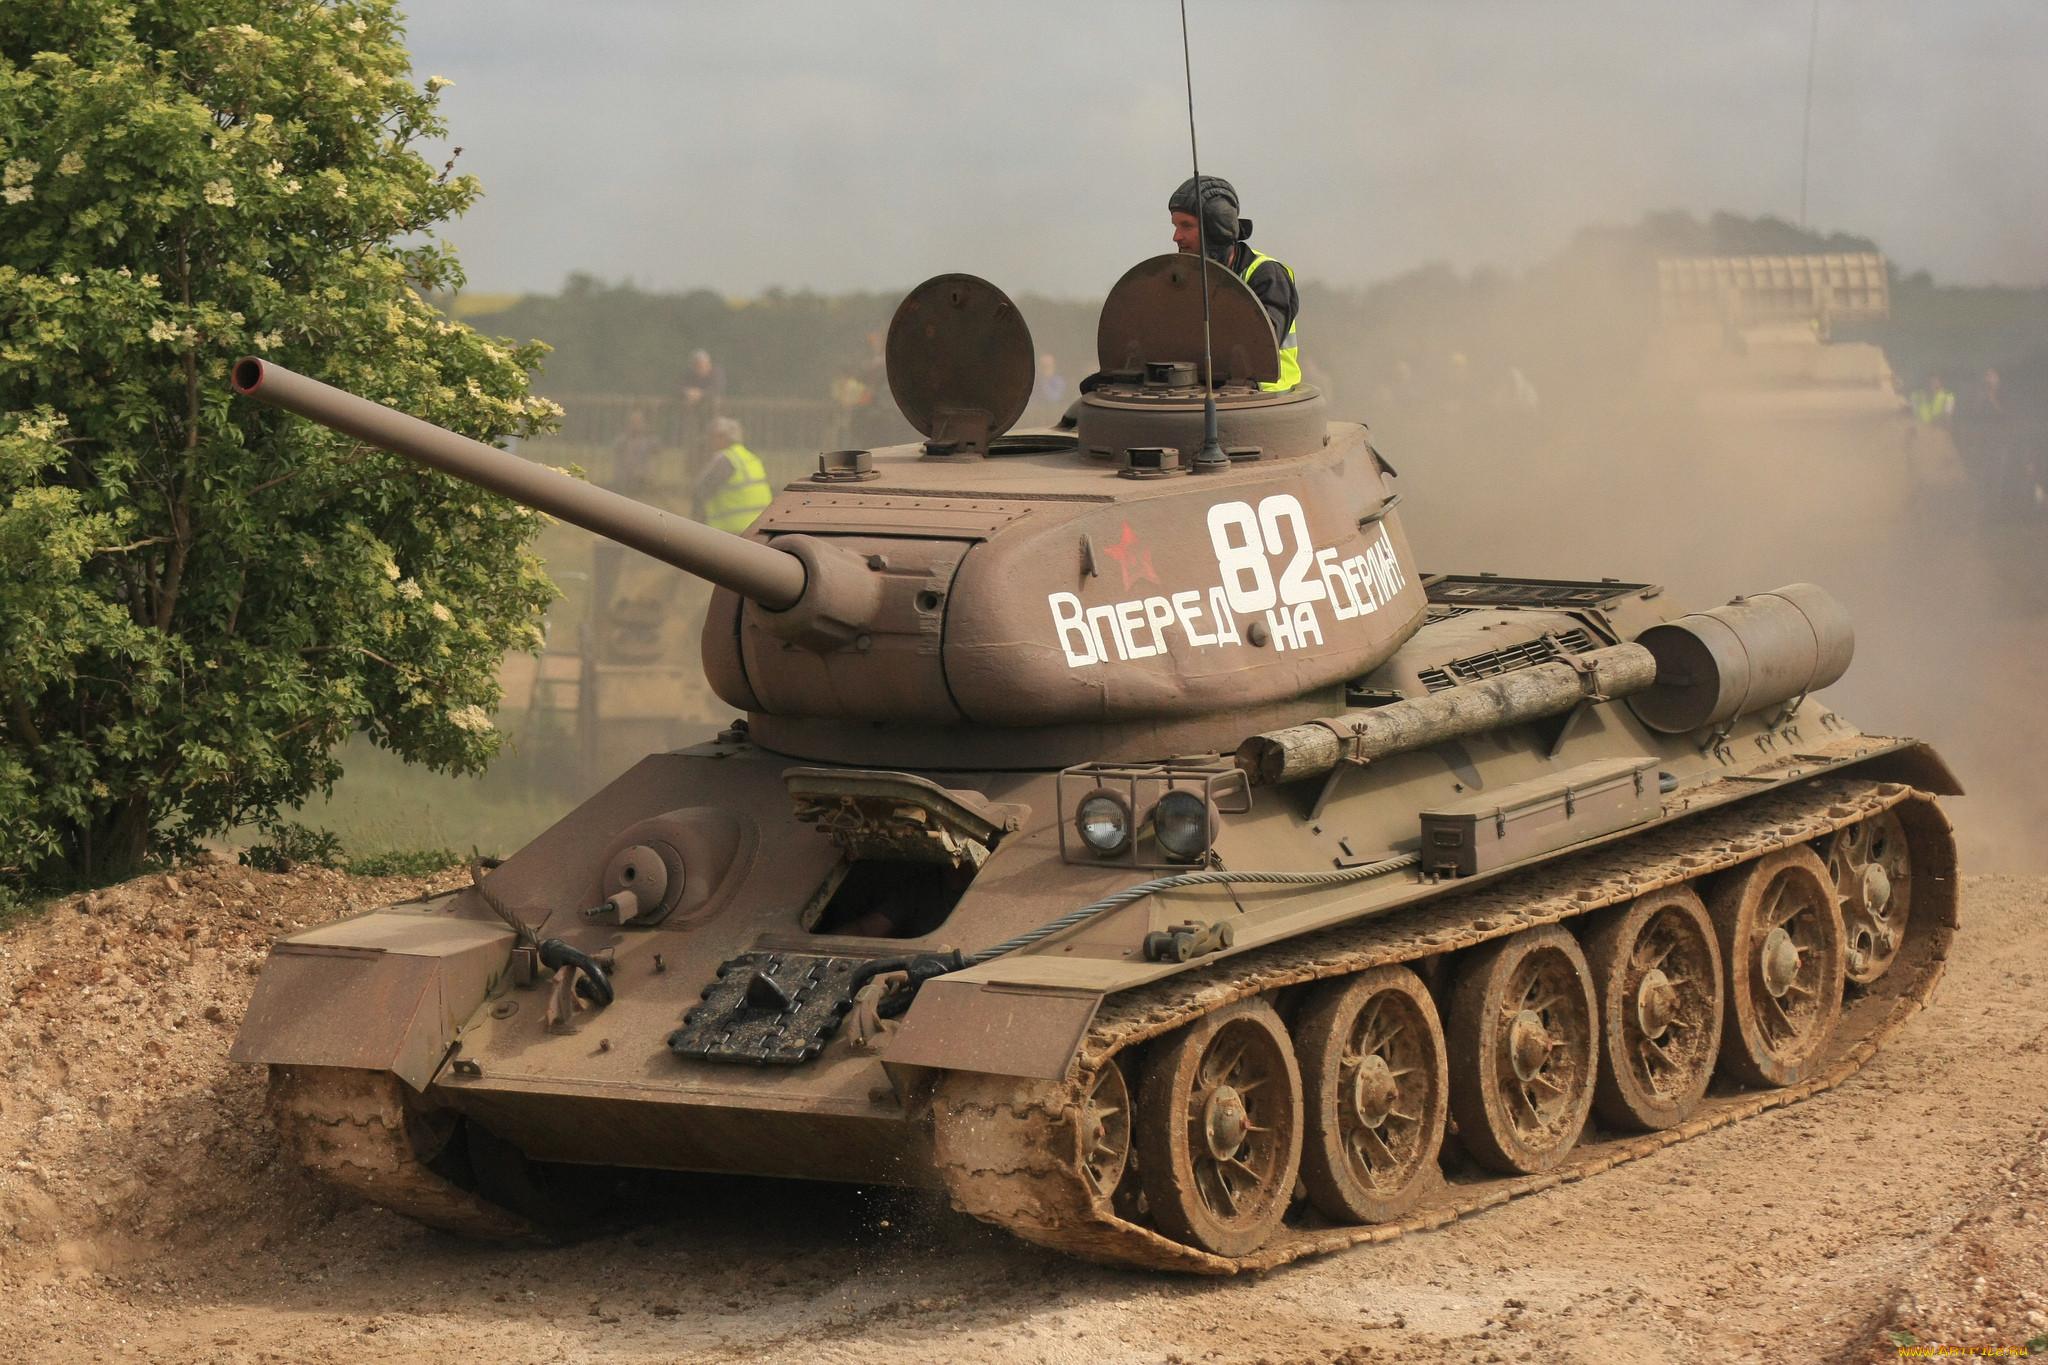 тебя смотреть картинки танков всех времени камень аметист известен